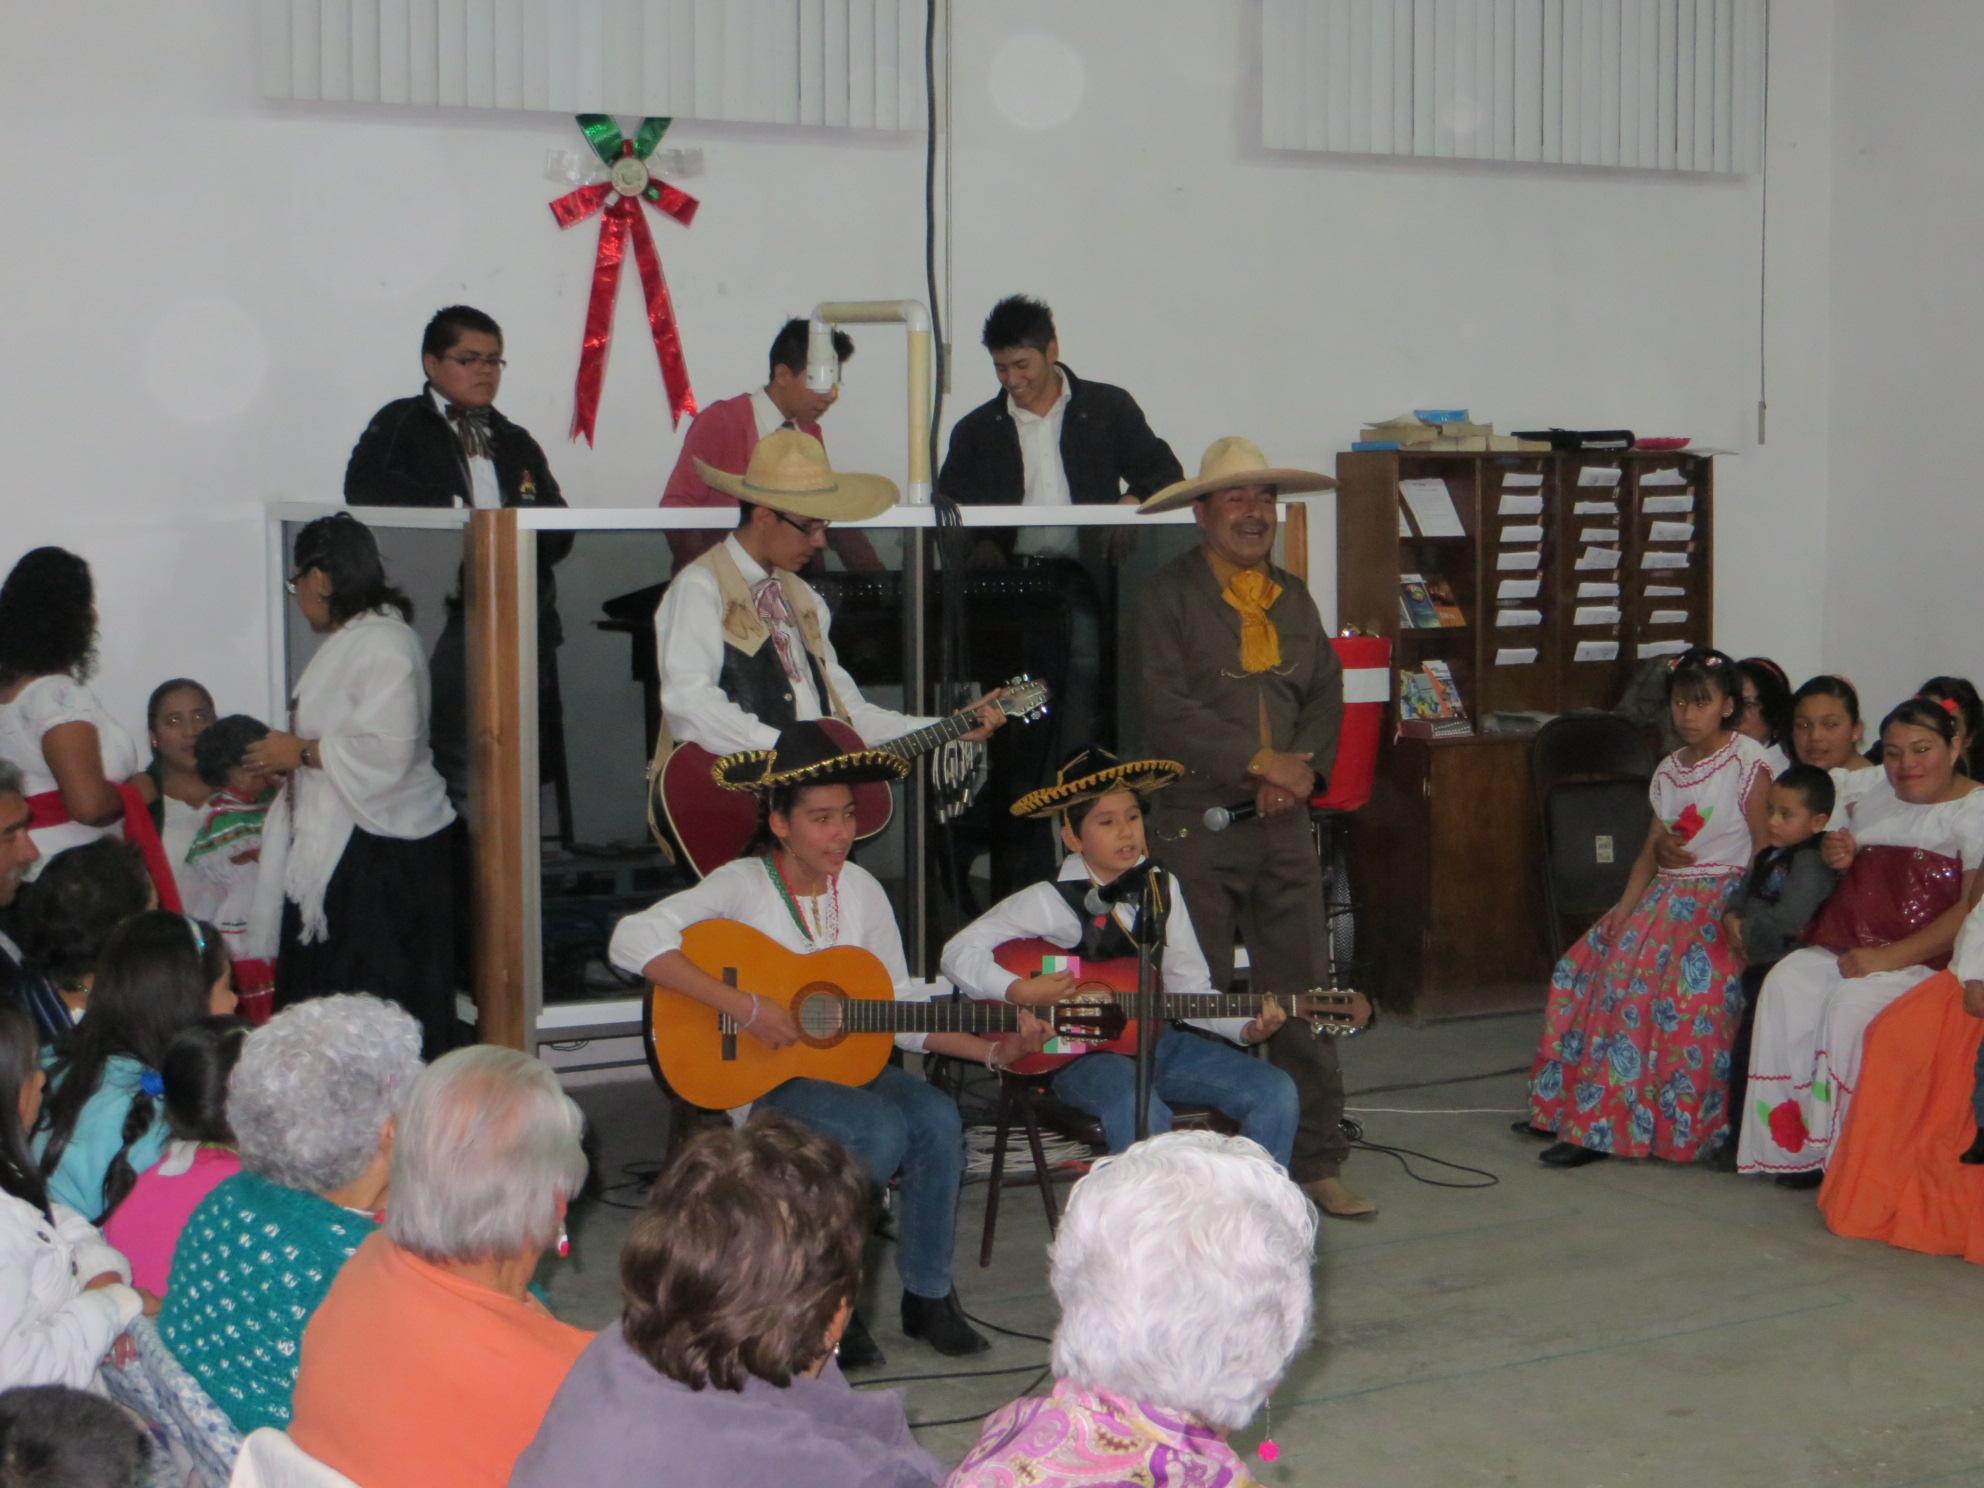 Manuel, Caleb, Kelly and Nicolas singing 2 traditional Mexican songs (Cielito Lindo and Rosita Alvírez)